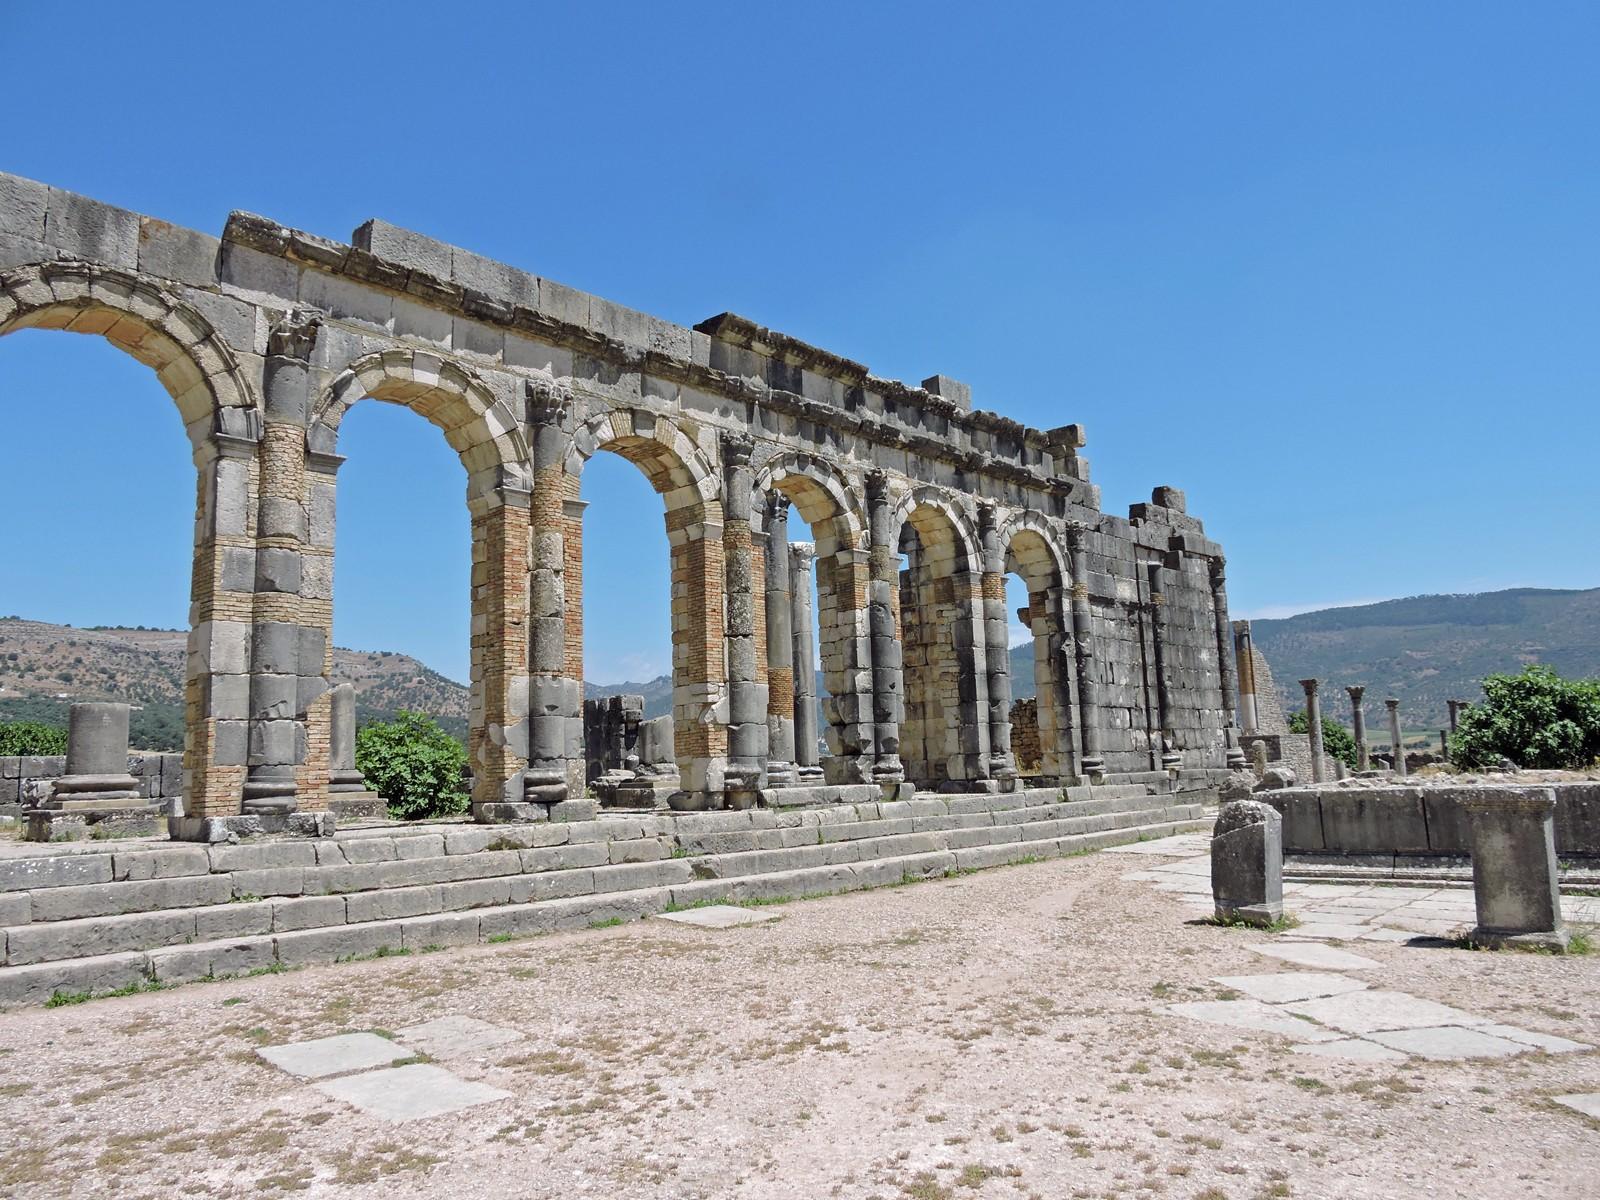 Il sito archeologico di Volubilis